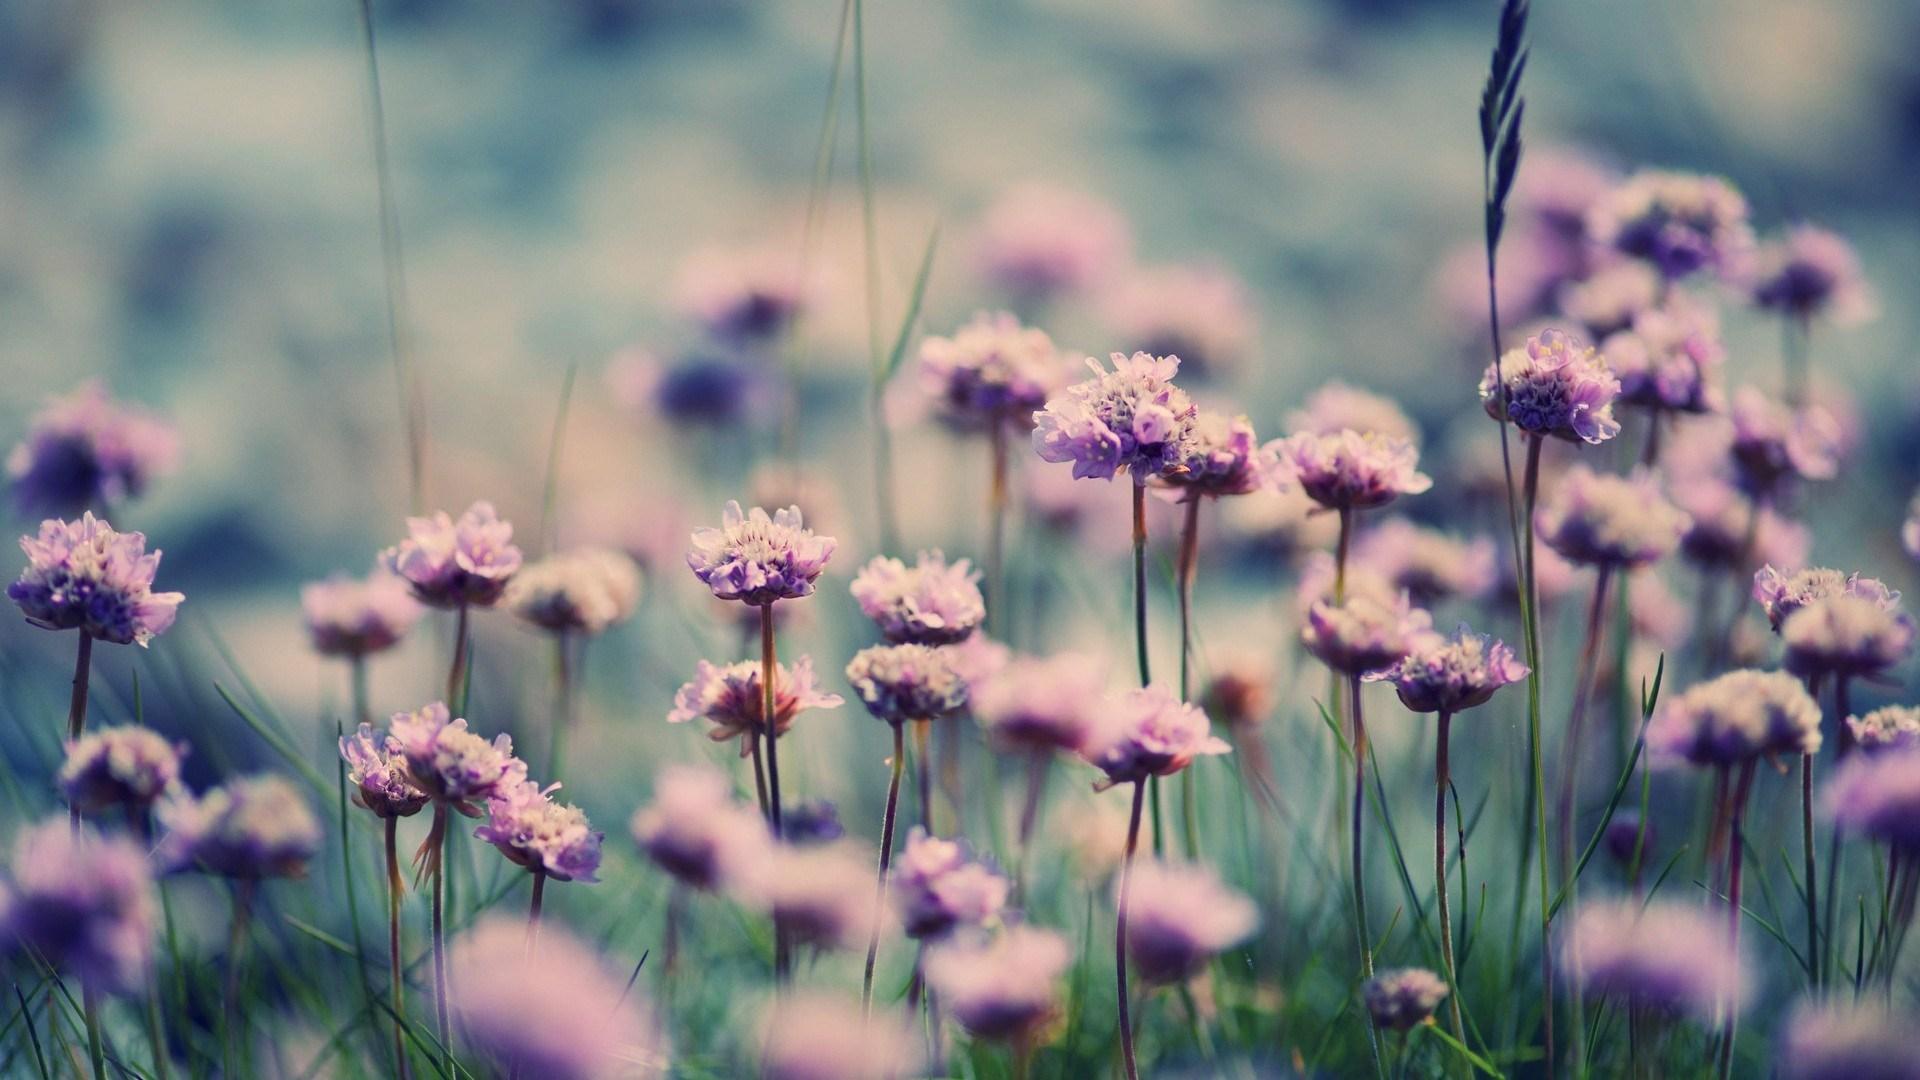 Summer Flowers Field Nature